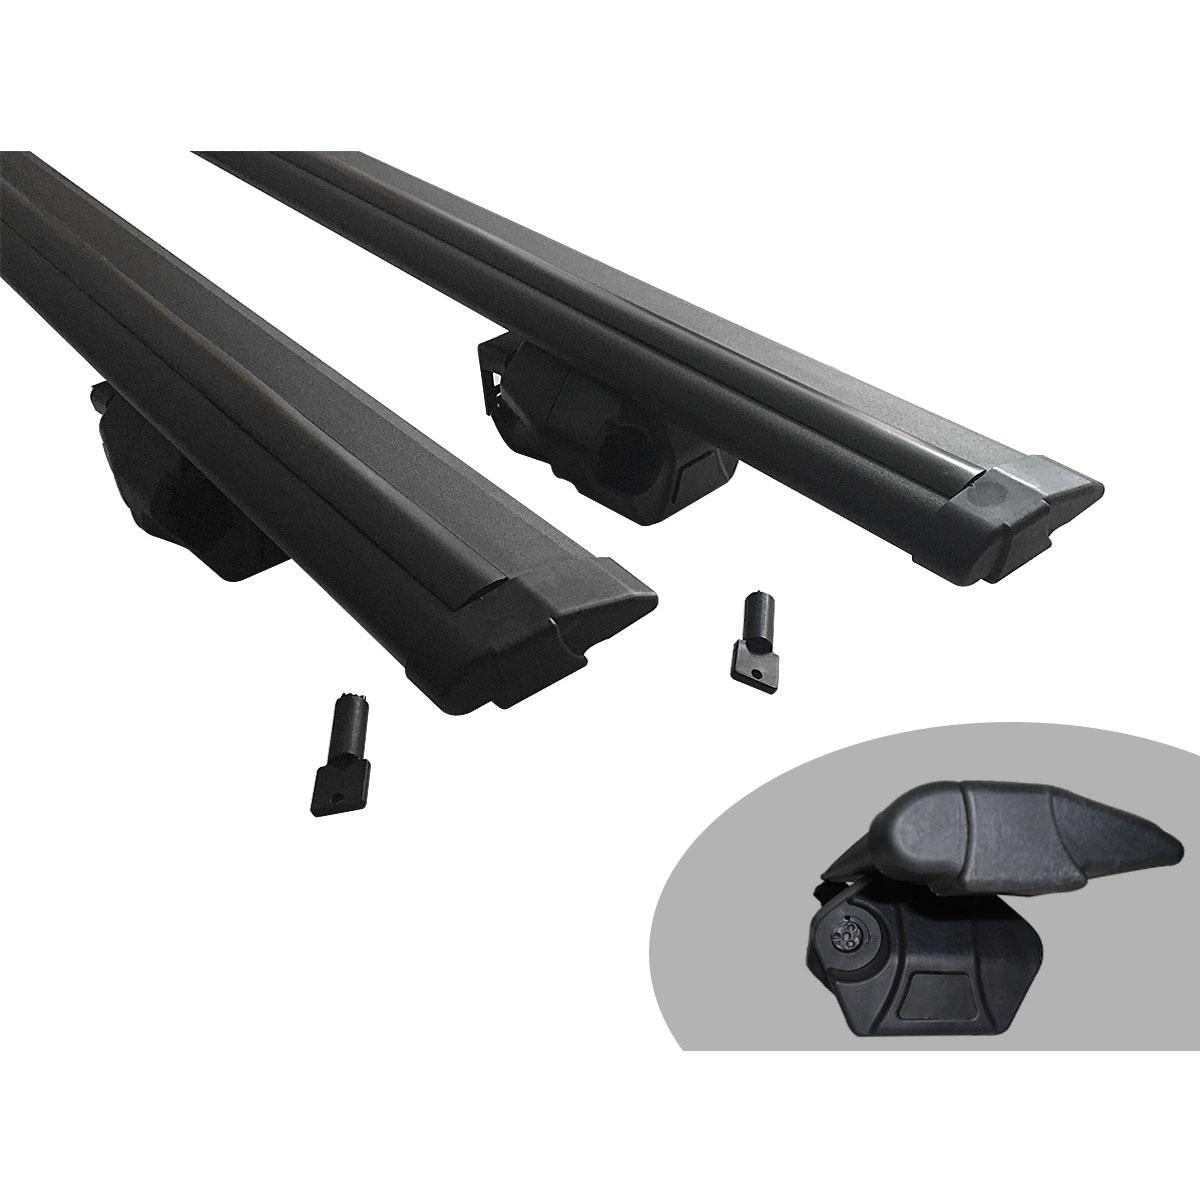 Travessa rack de teto Procargo preta Doblo 2002 a 2017 com trava de segurança